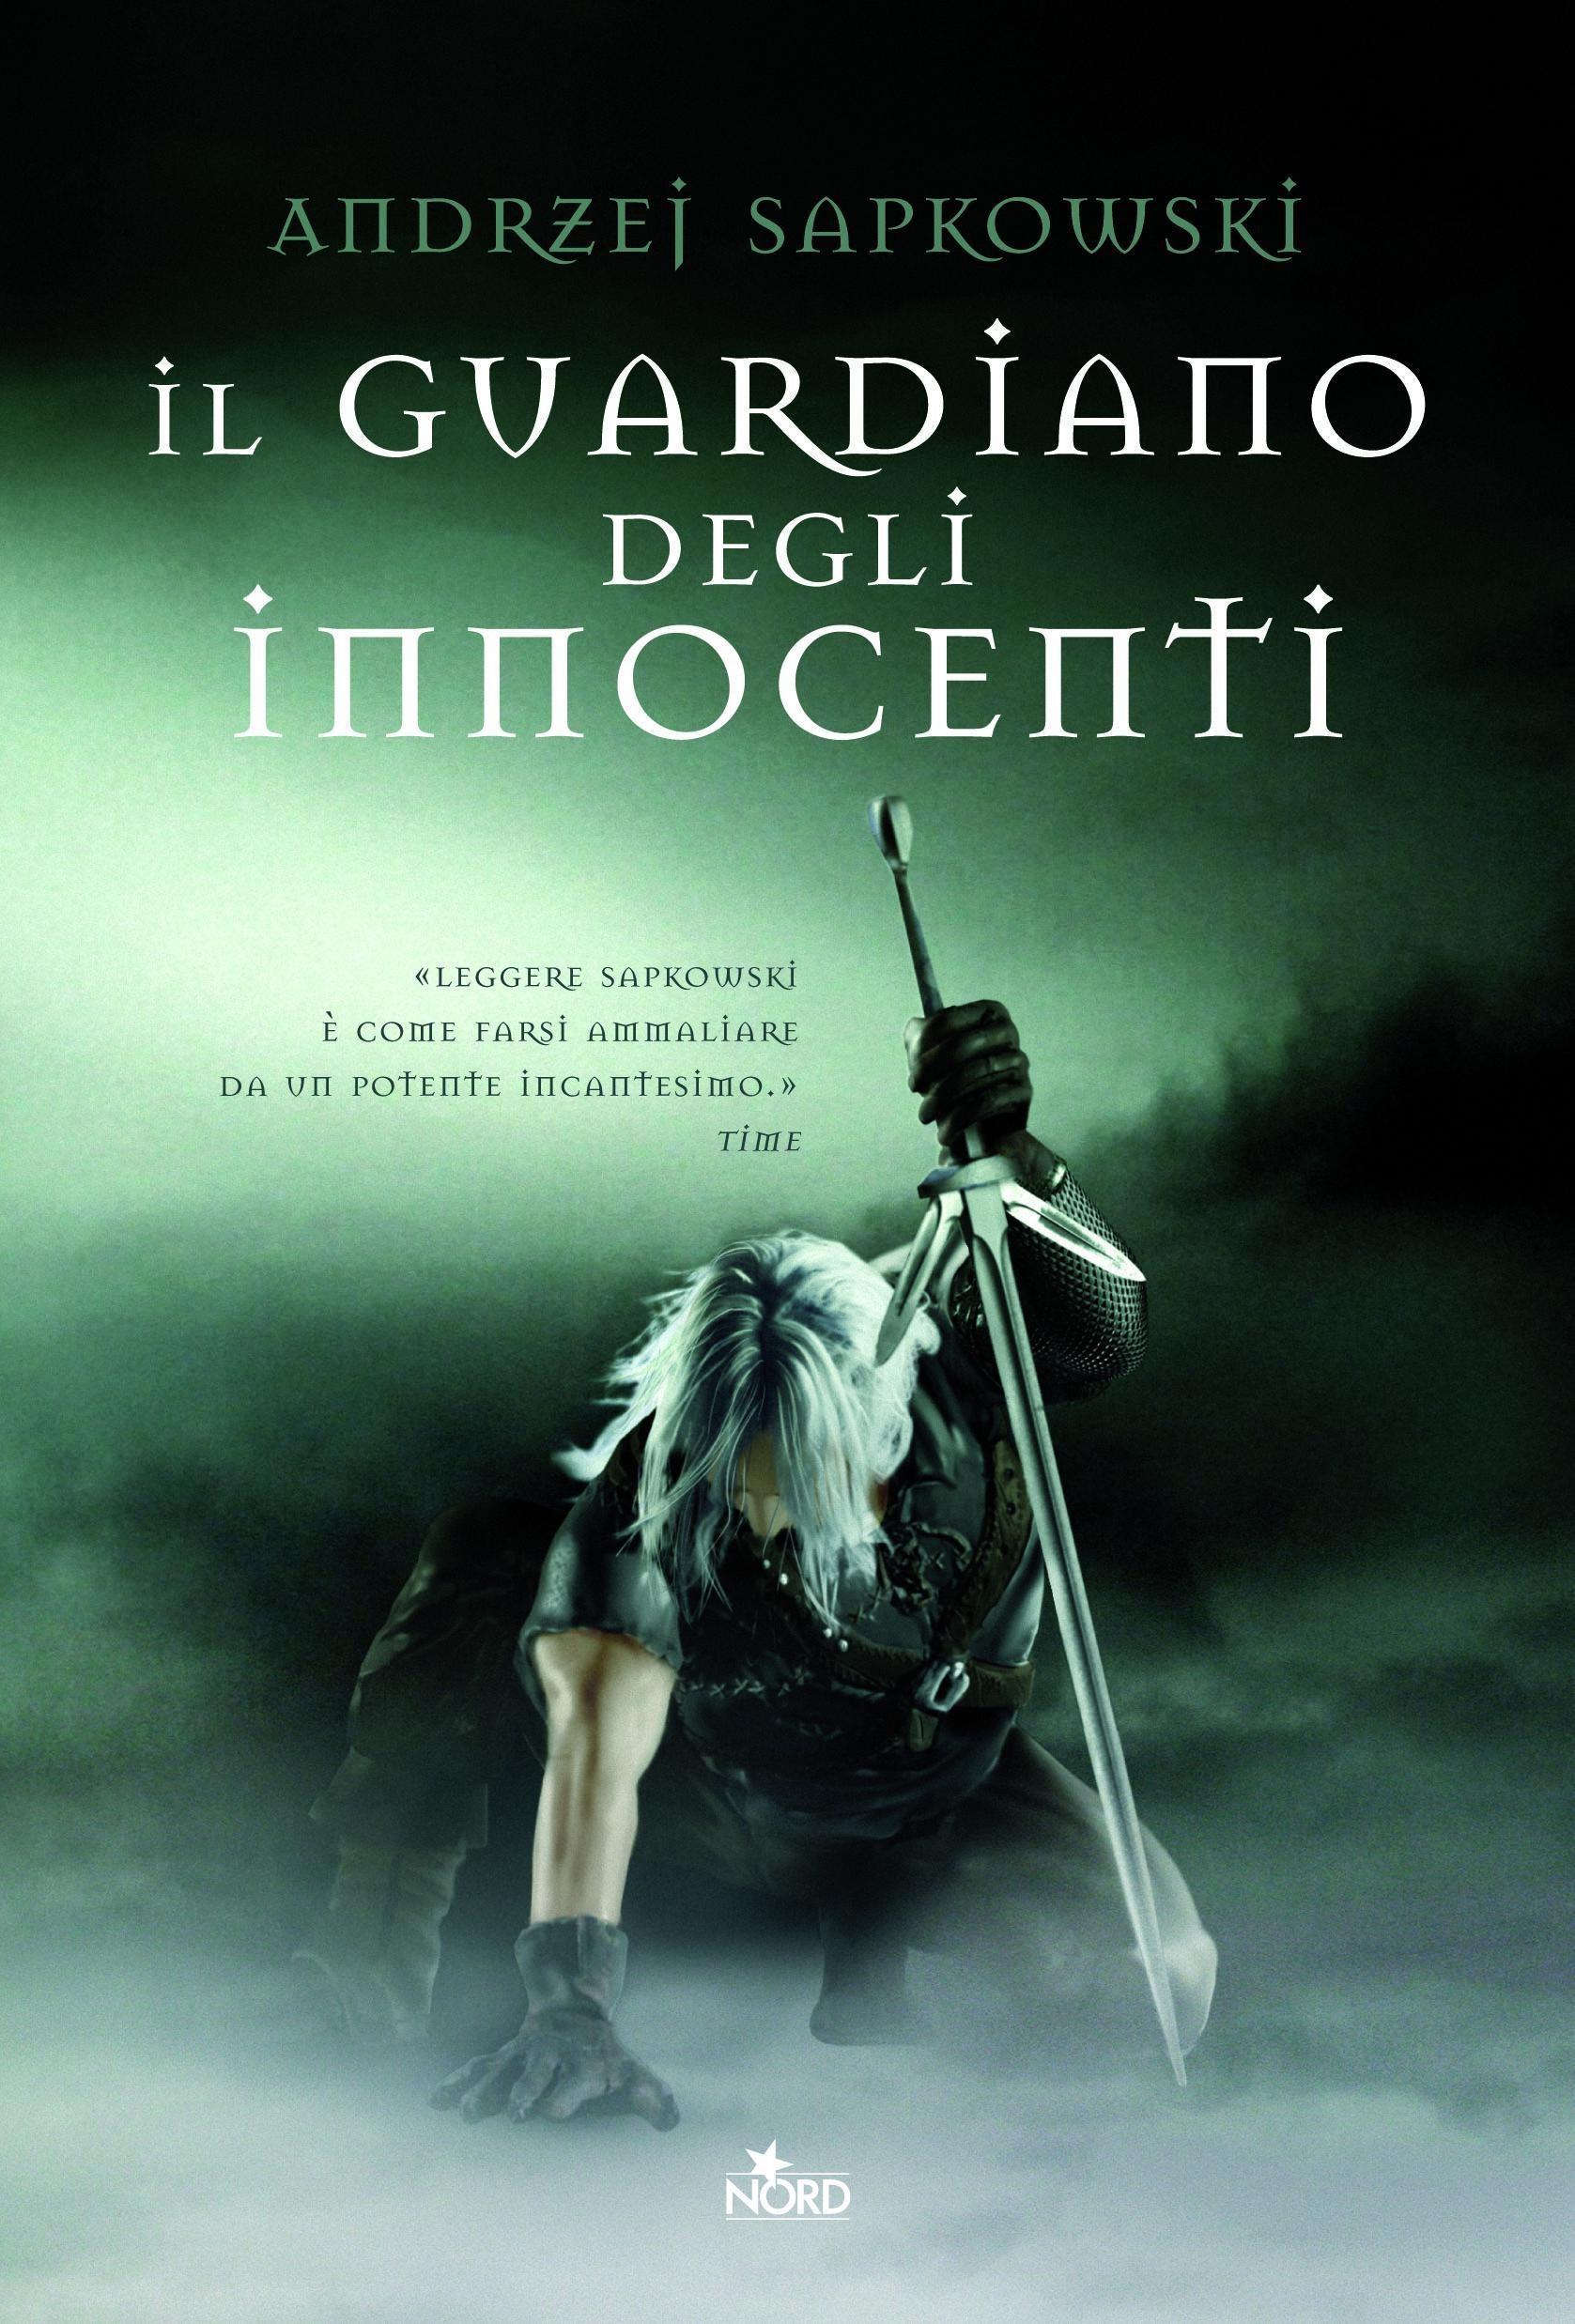 Image of Il guardiano degli innocenti